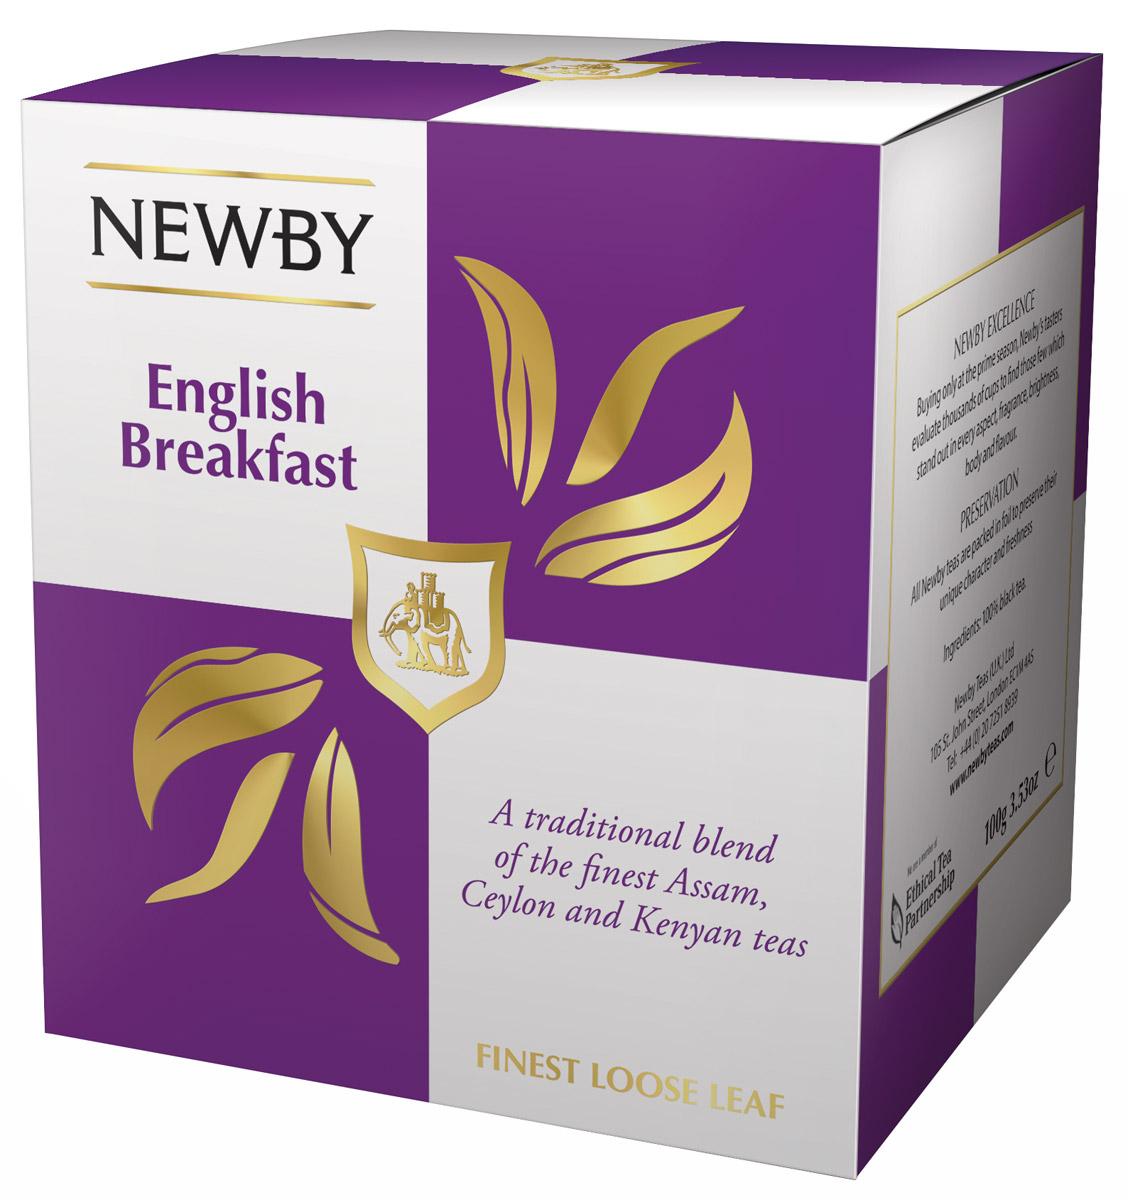 Newby English Breakfast черный листовой чай, 100 г0766031103287Newby English Breakfast- популярная смесь черных сортов чая из Ассама, Цейлона и Кении. Сбалансированный терпкий солодовый вкус с приятными цитрусовыми и пряными нотками. Чашка крепкого чая насыщенного янтарного цвета и богатого вкуса идеальна для начала дня.Всё о чае: сорта, факты, советы по выбору и употреблению. Статья OZON Гид